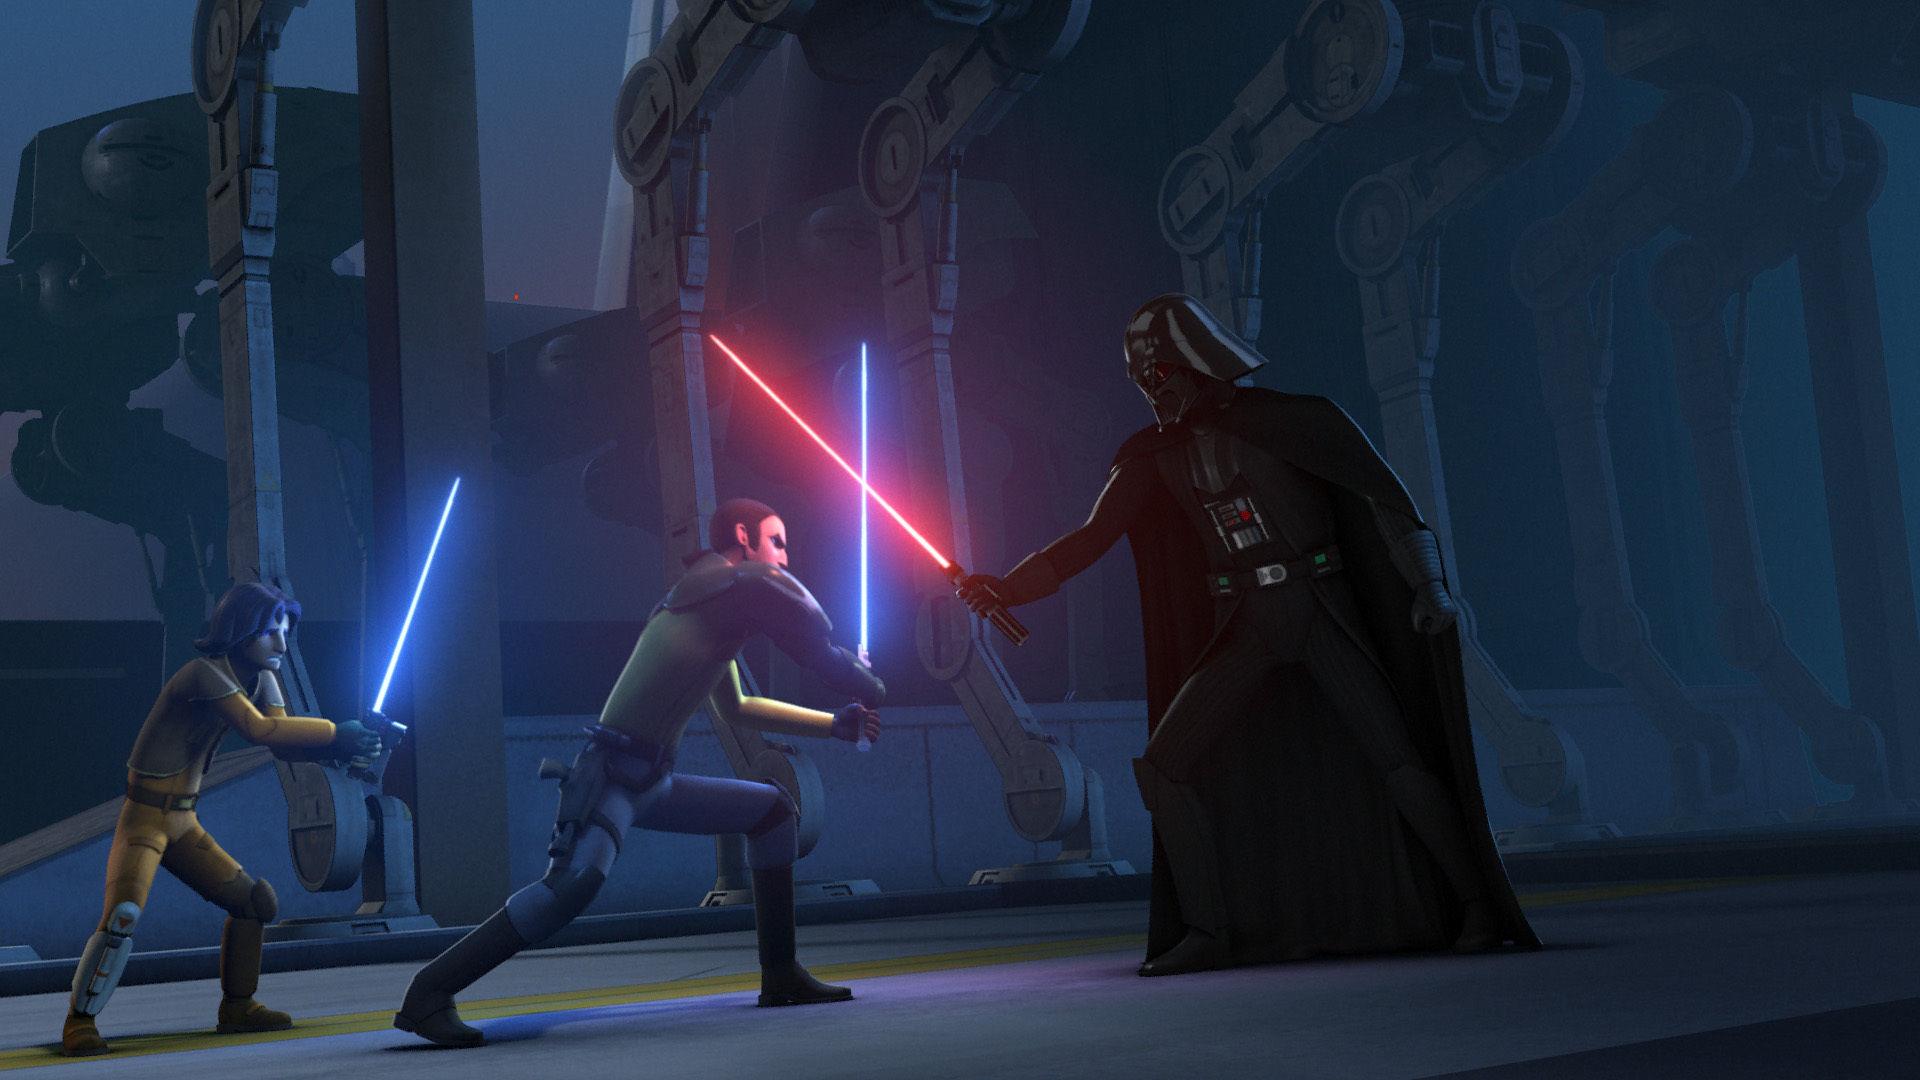 Star Wars Rebels The Siege Of Lothal Wookieepedia